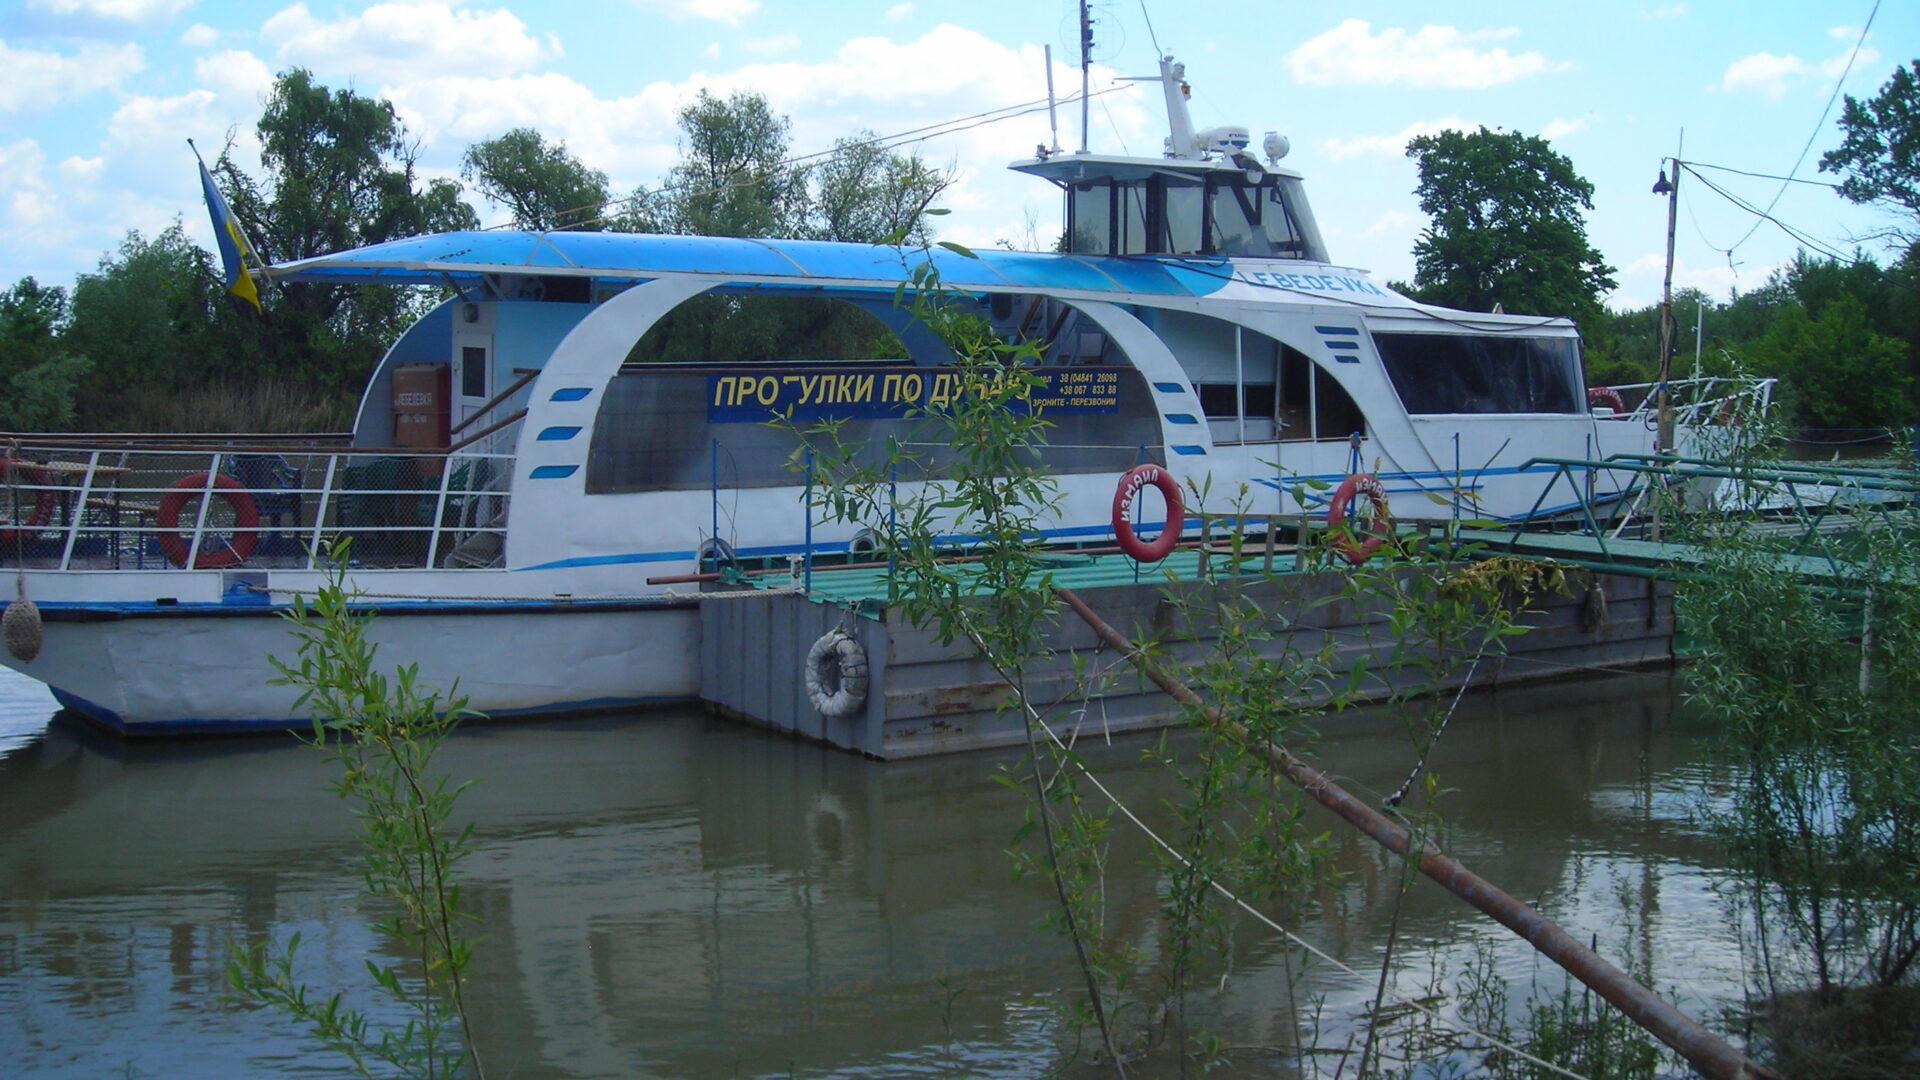 Тур из Одессы в Болград и Измаил с гастрономическими приключениями